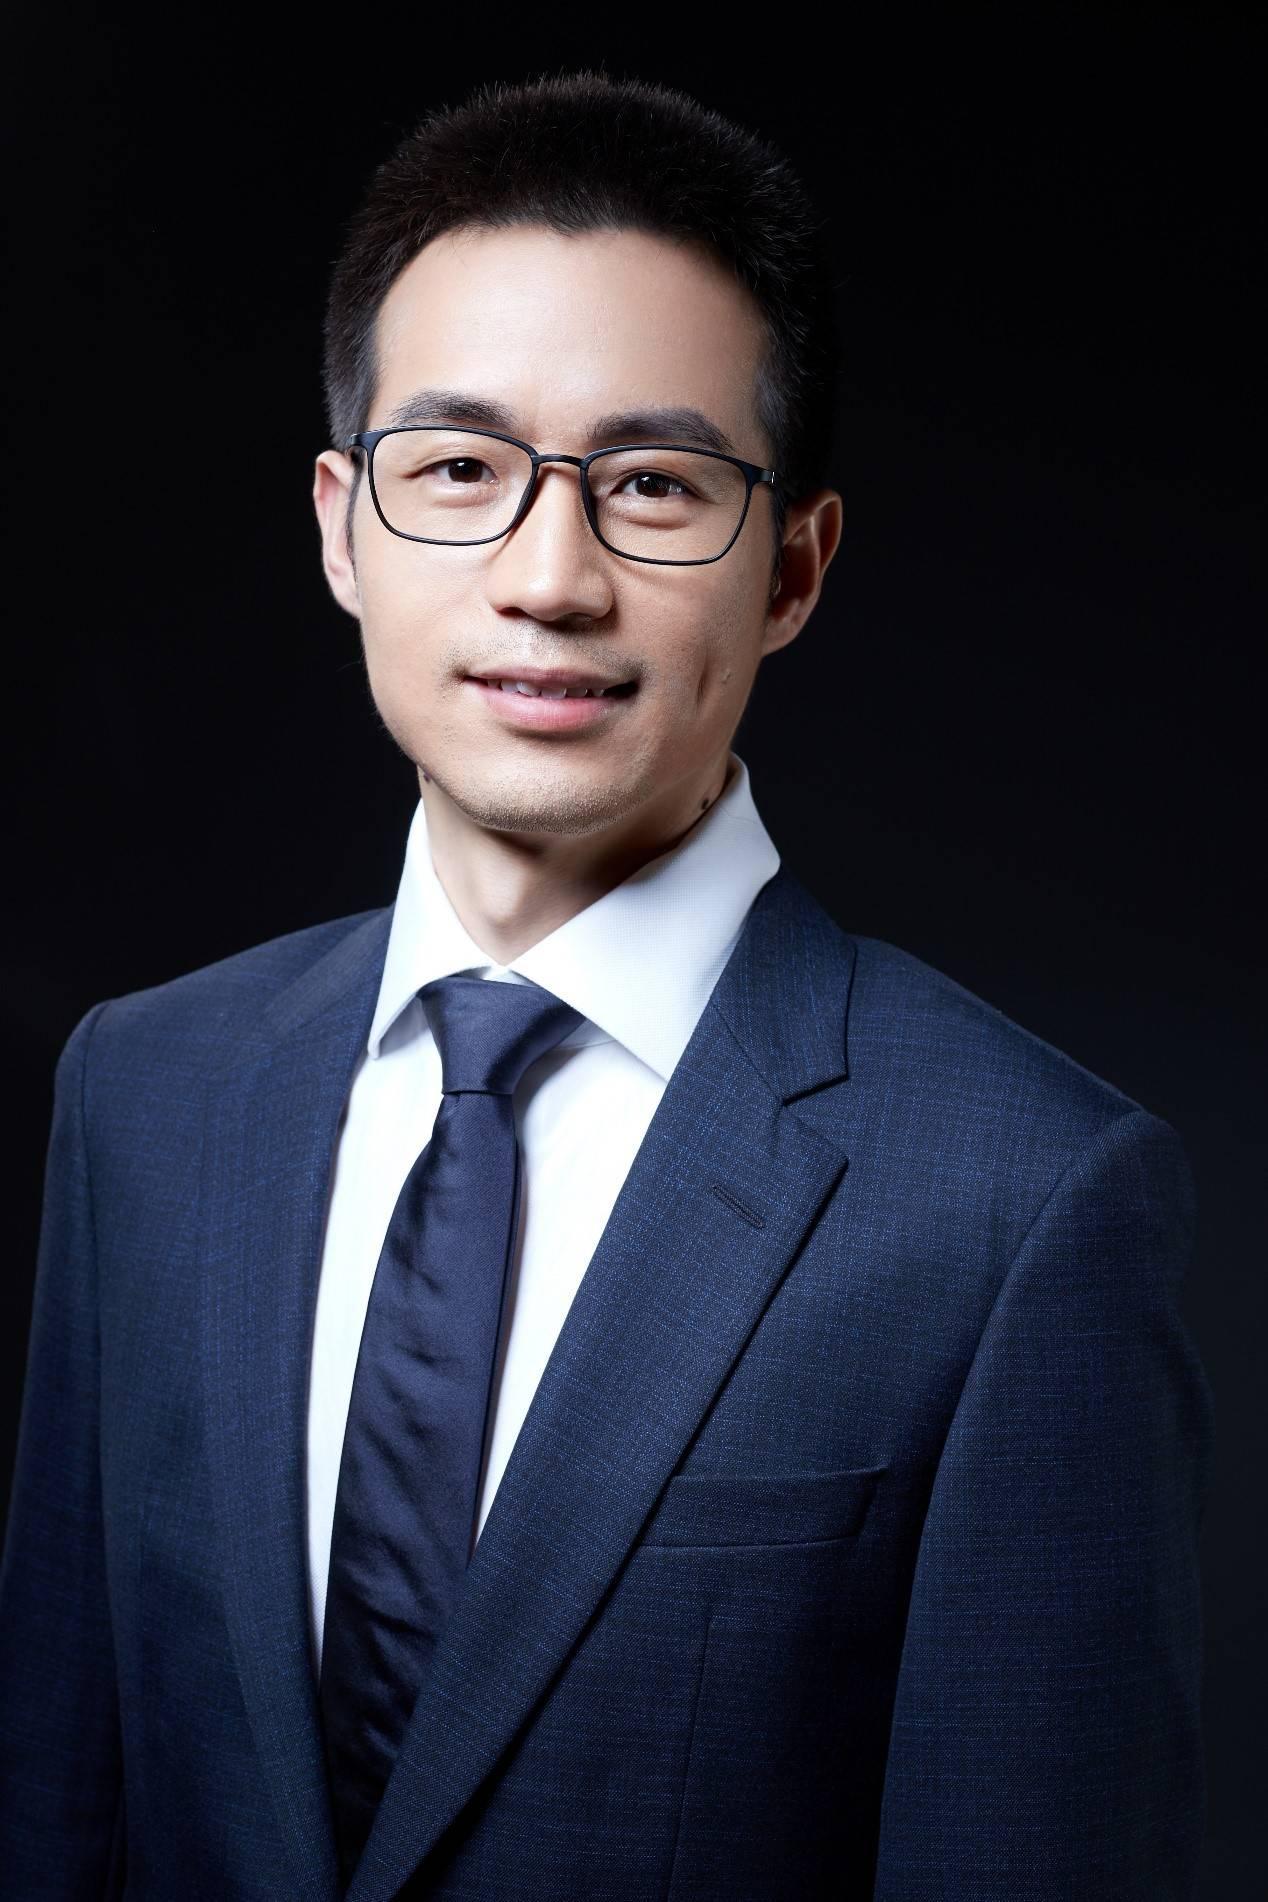 360金融創始人兼CEO吳海生